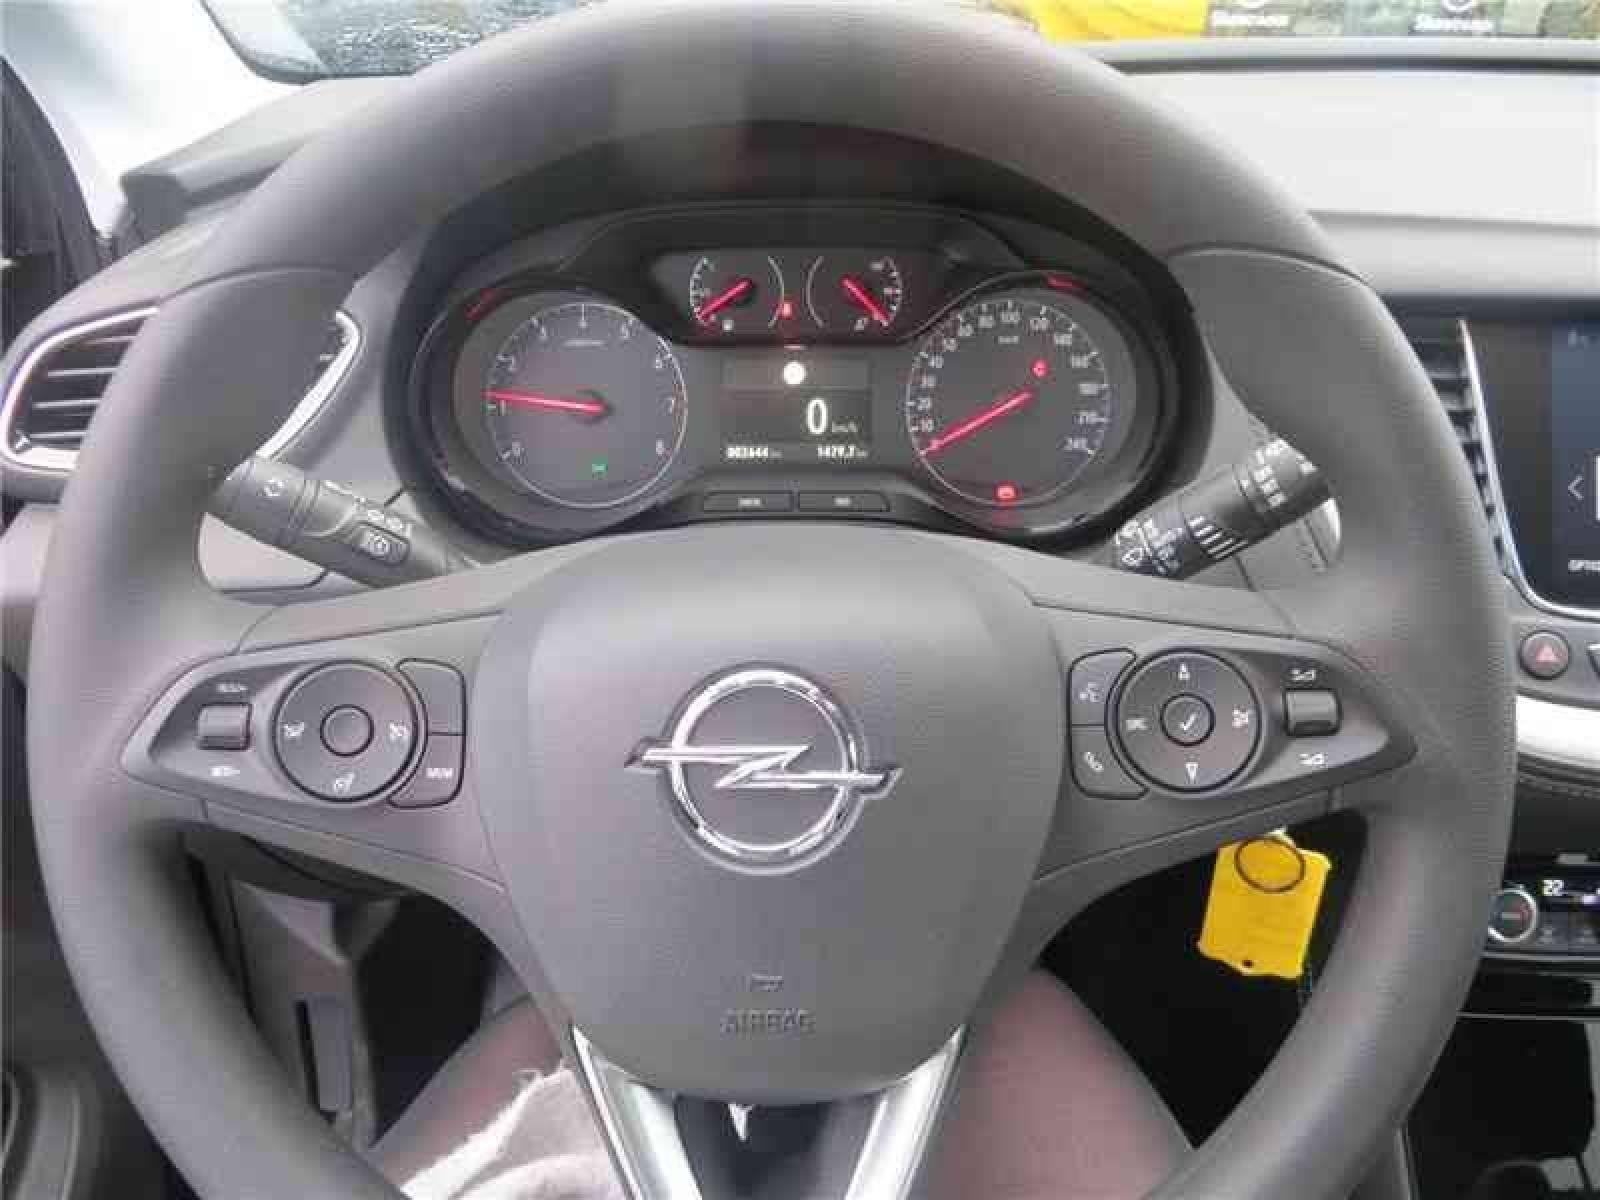 OPEL Grandland X Business 1.2 Turbo 130 ch ECOTEC - véhicule d'occasion - Groupe Guillet - Opel Magicauto - Montceau-les-Mines - 71300 - Montceau-les-Mines - 9